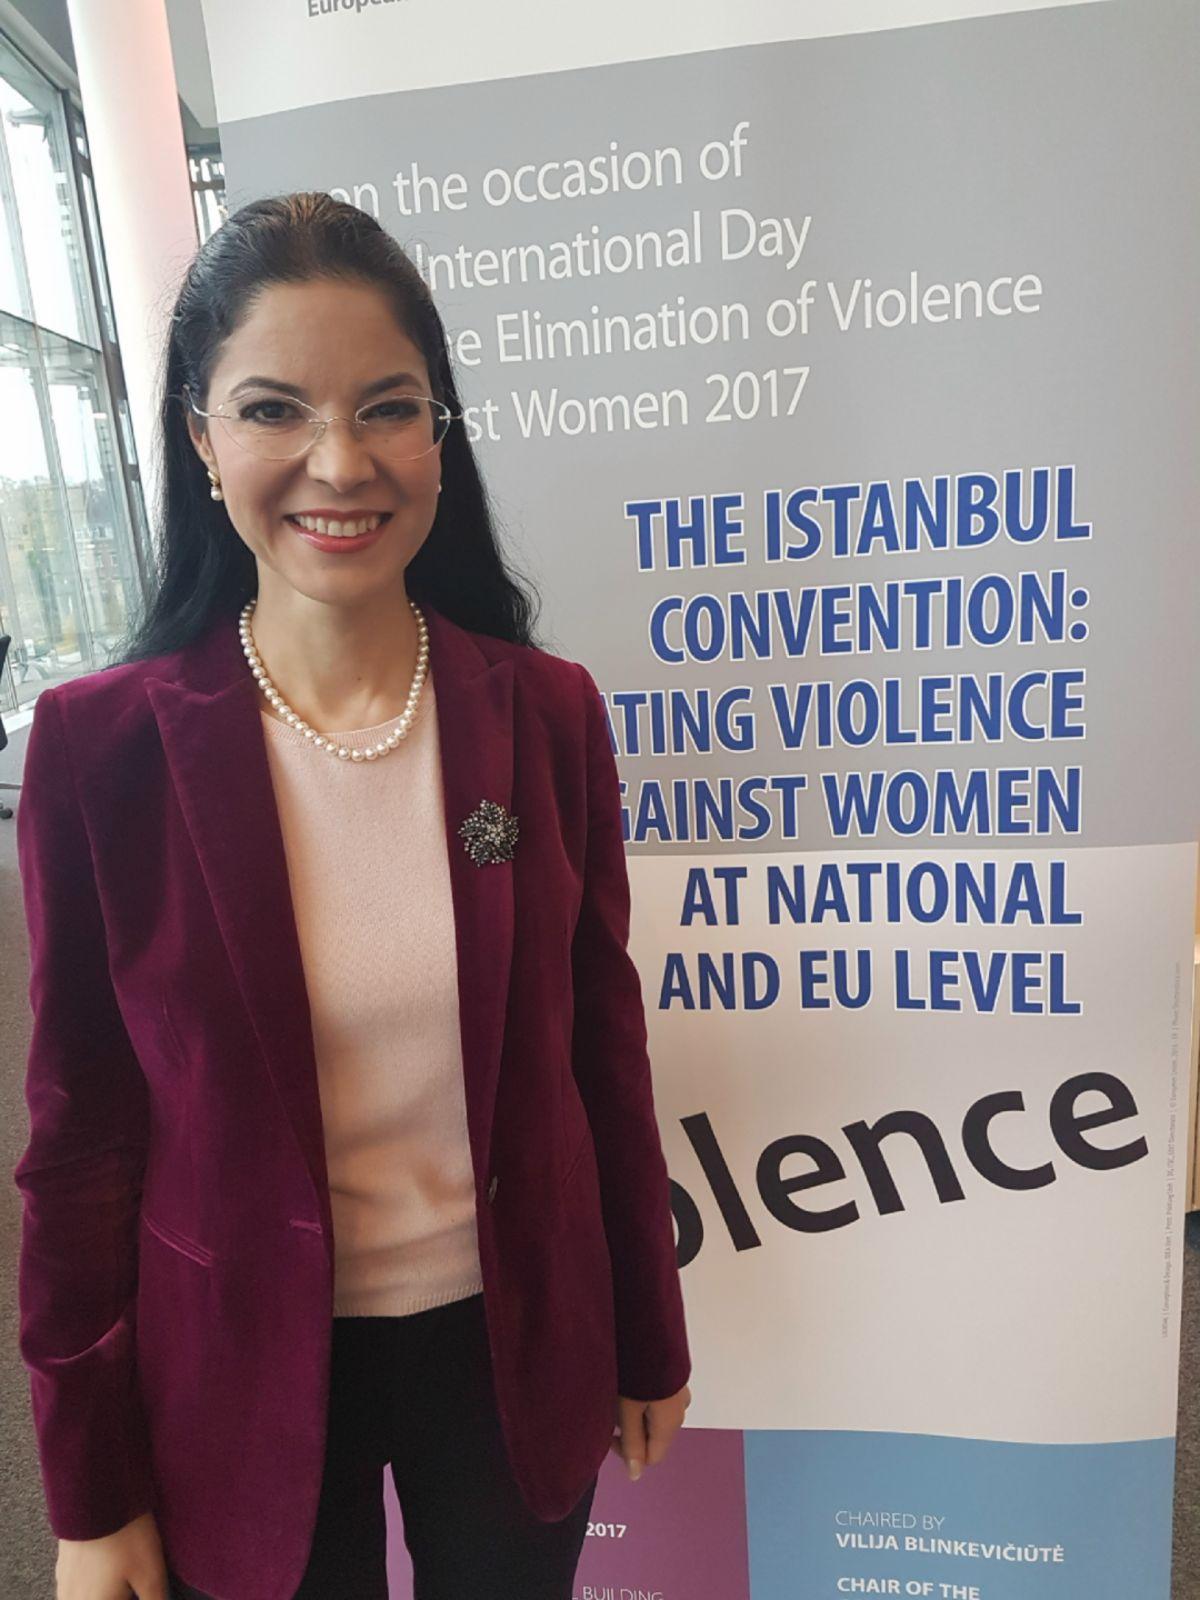 Ana Birchall: Violența împotriva femeilor și violența domestică reprezintă probleme de prim-plan la nivel european pe care avem datoria de a le gestiona cu maximă responsabilitate